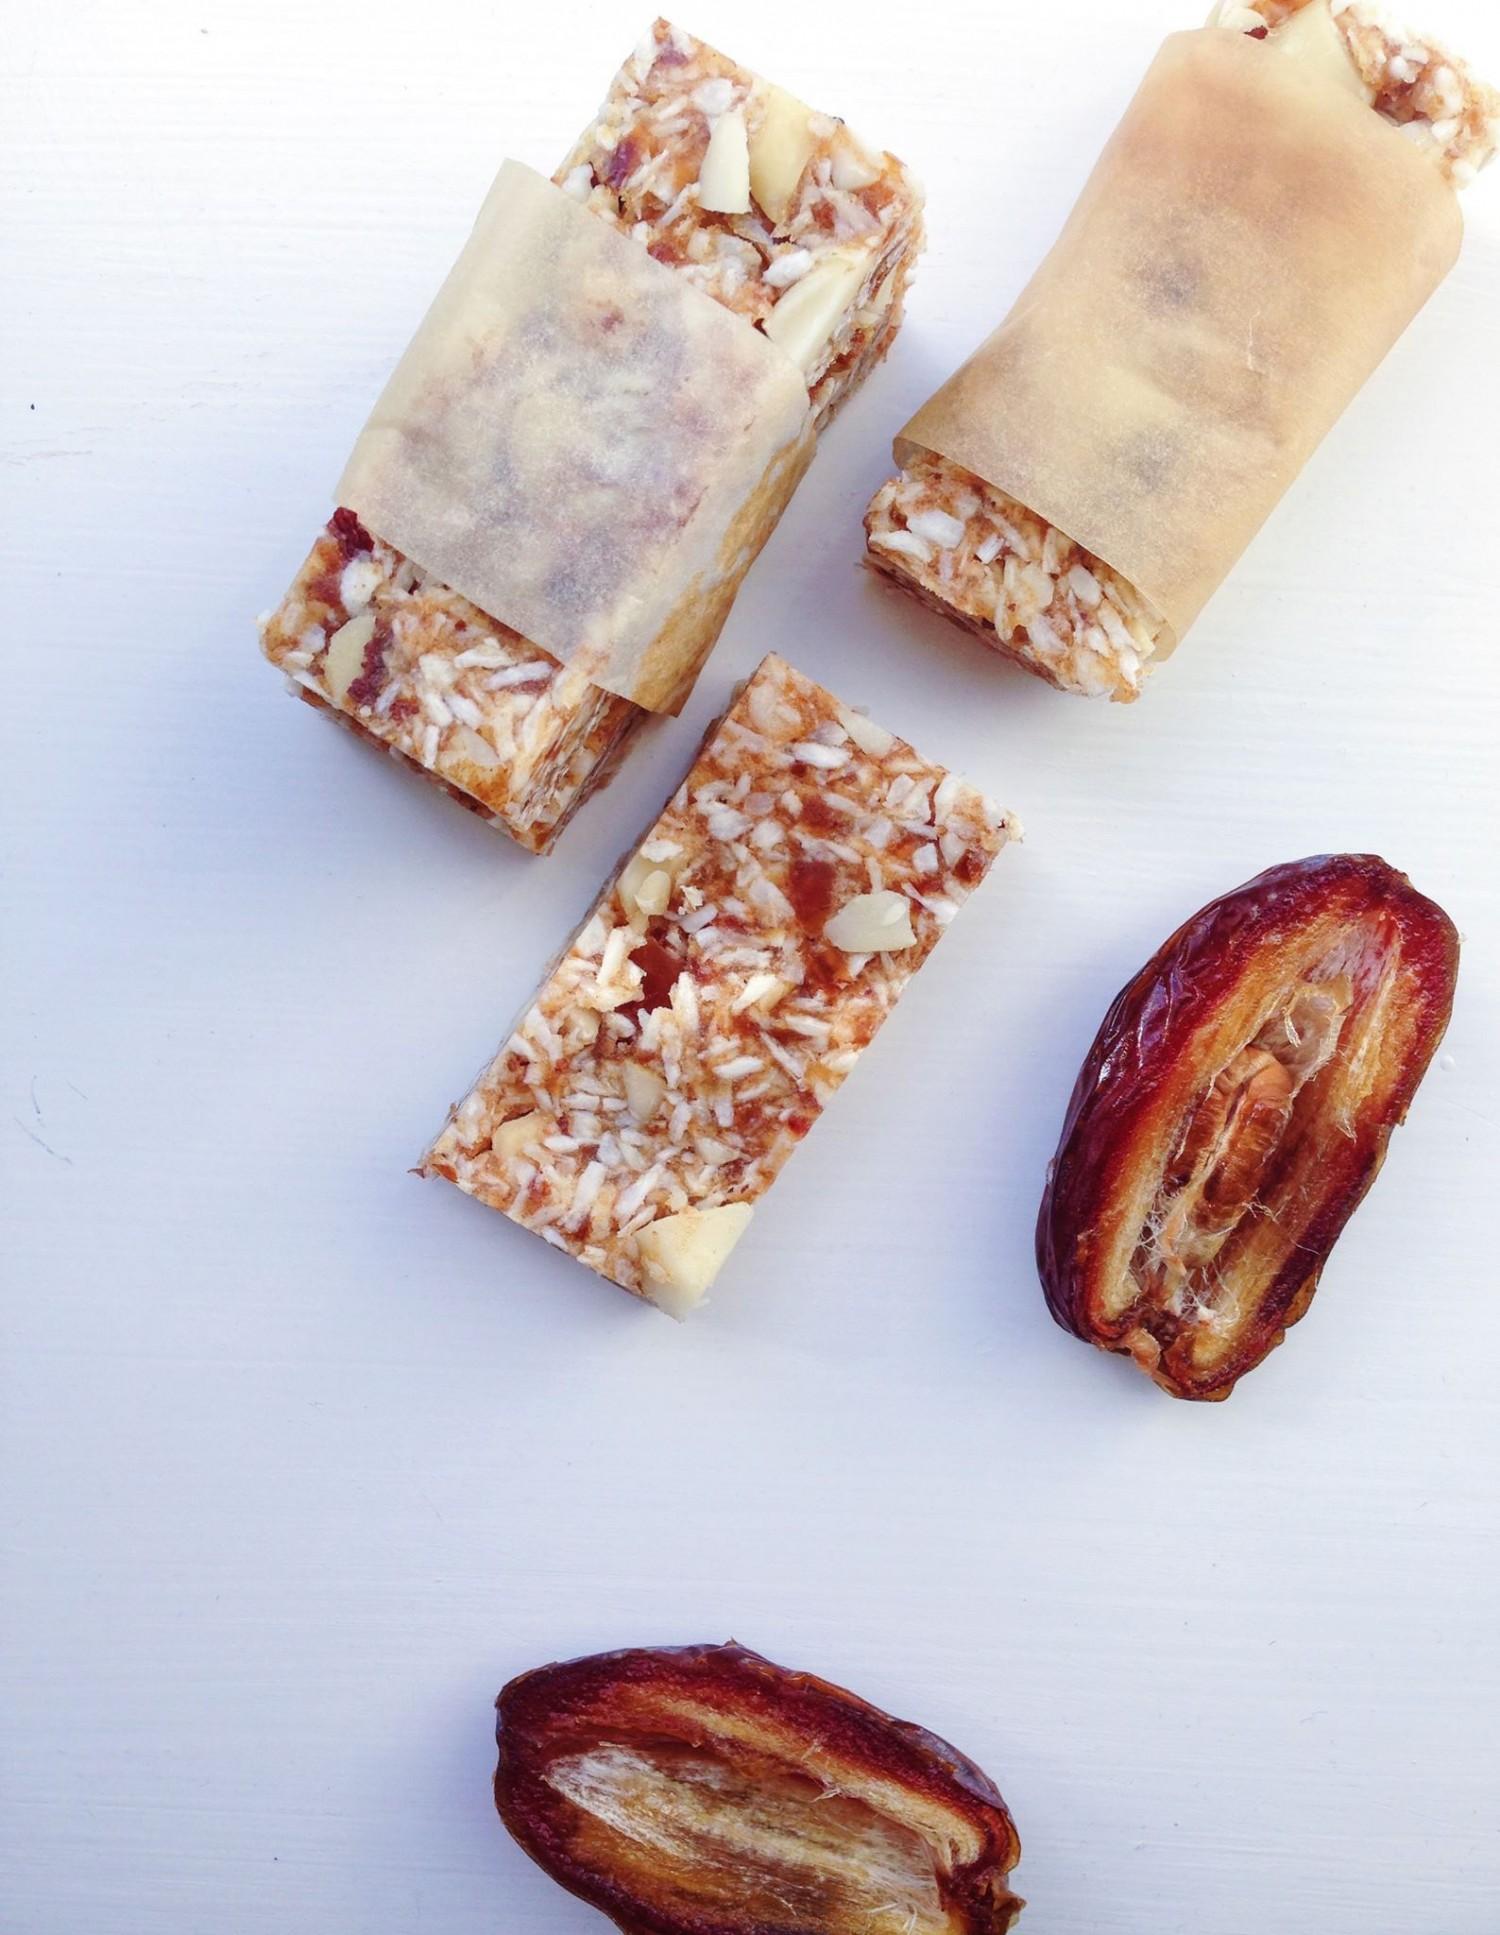 veganske-kokosbarer-sund-snack-cathrineyoga-dk-4